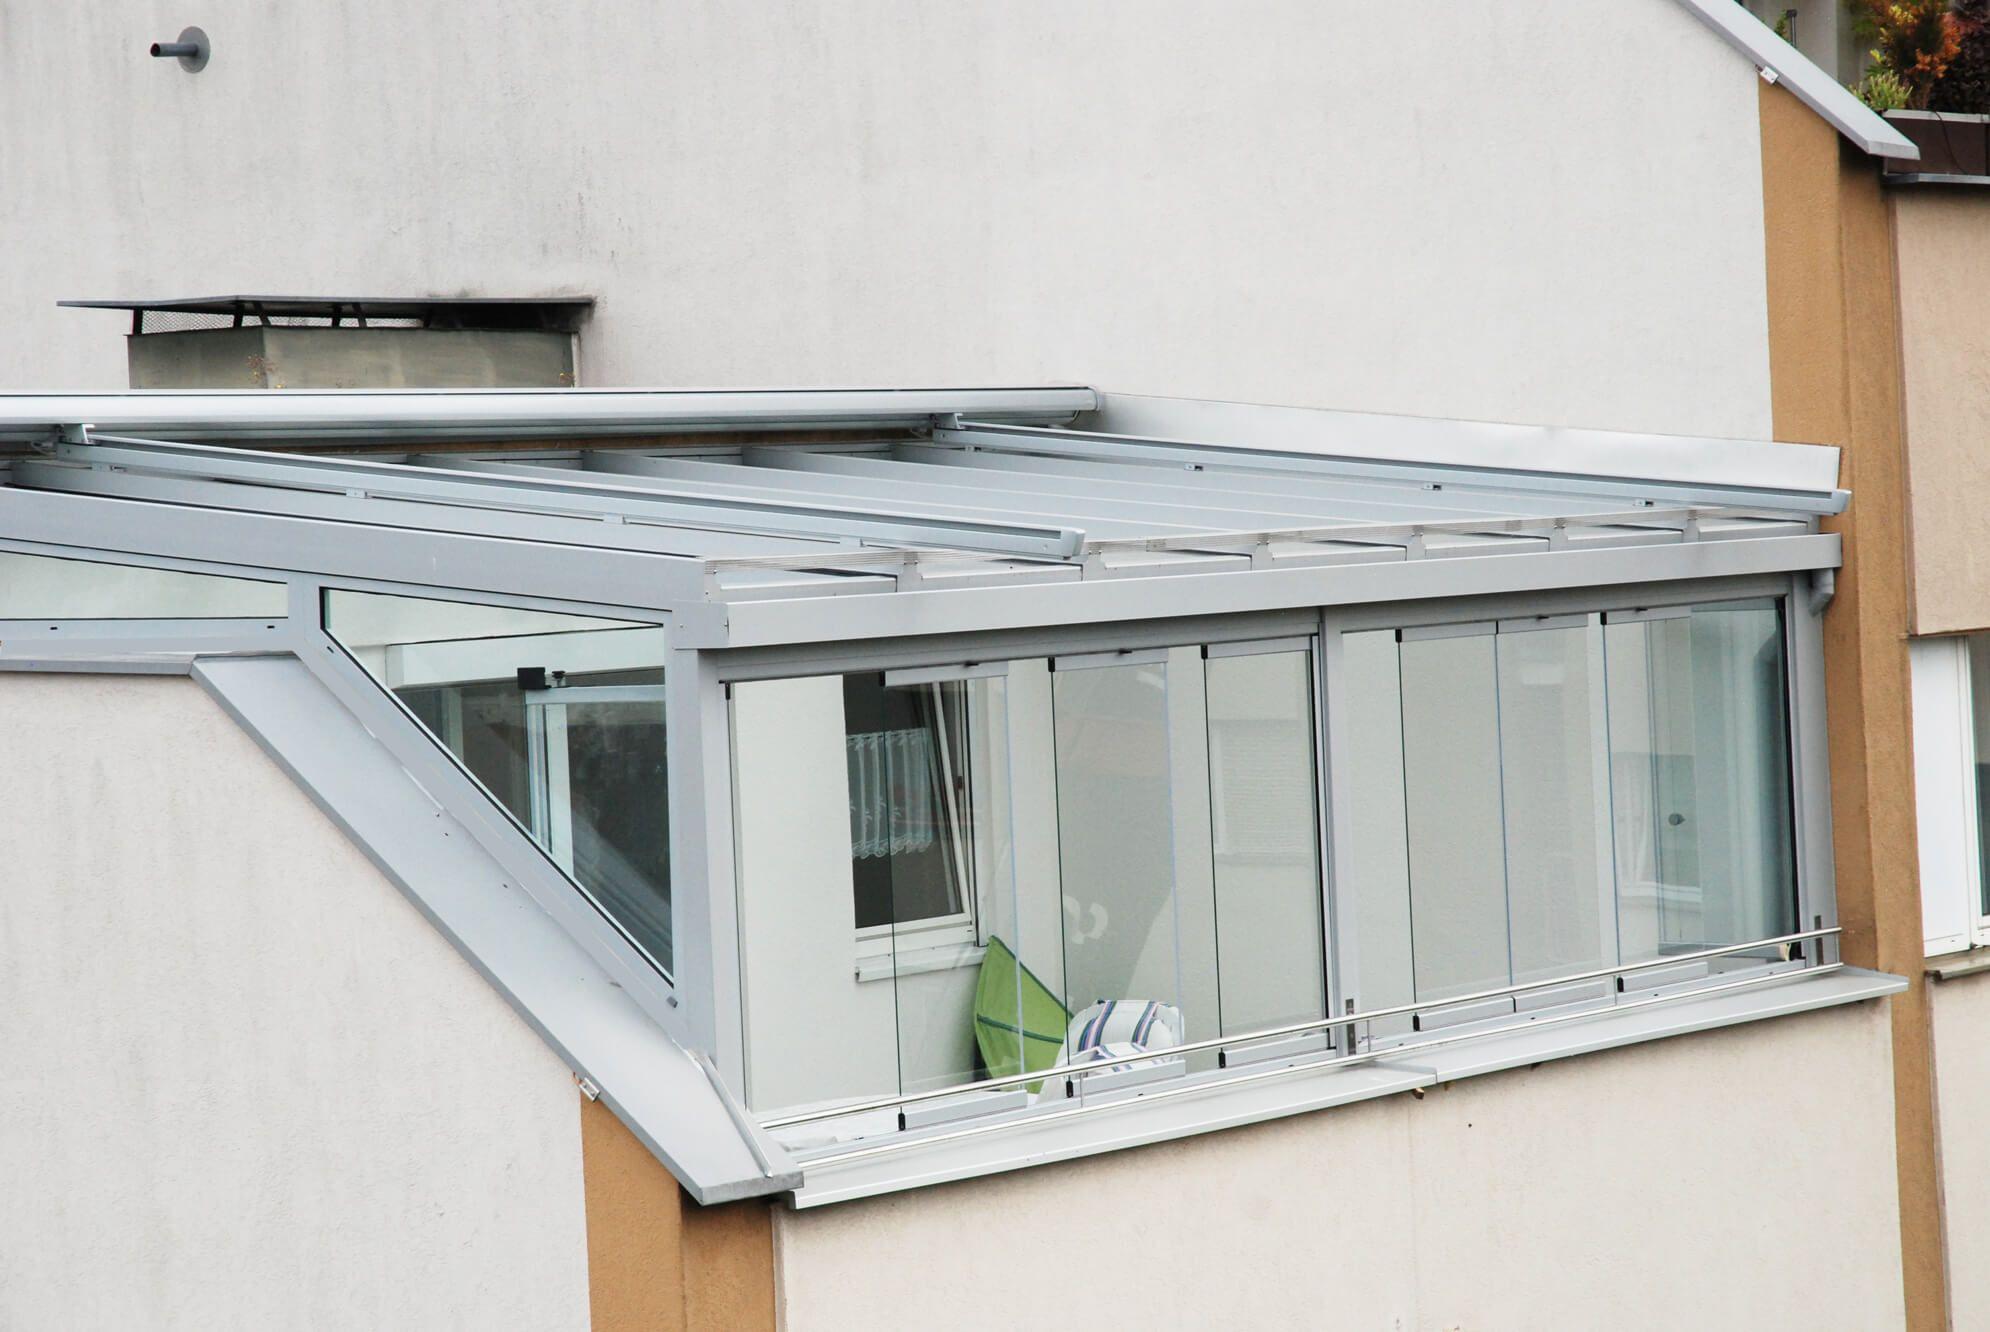 Sommergarten Auf Dachterrasse In Linz